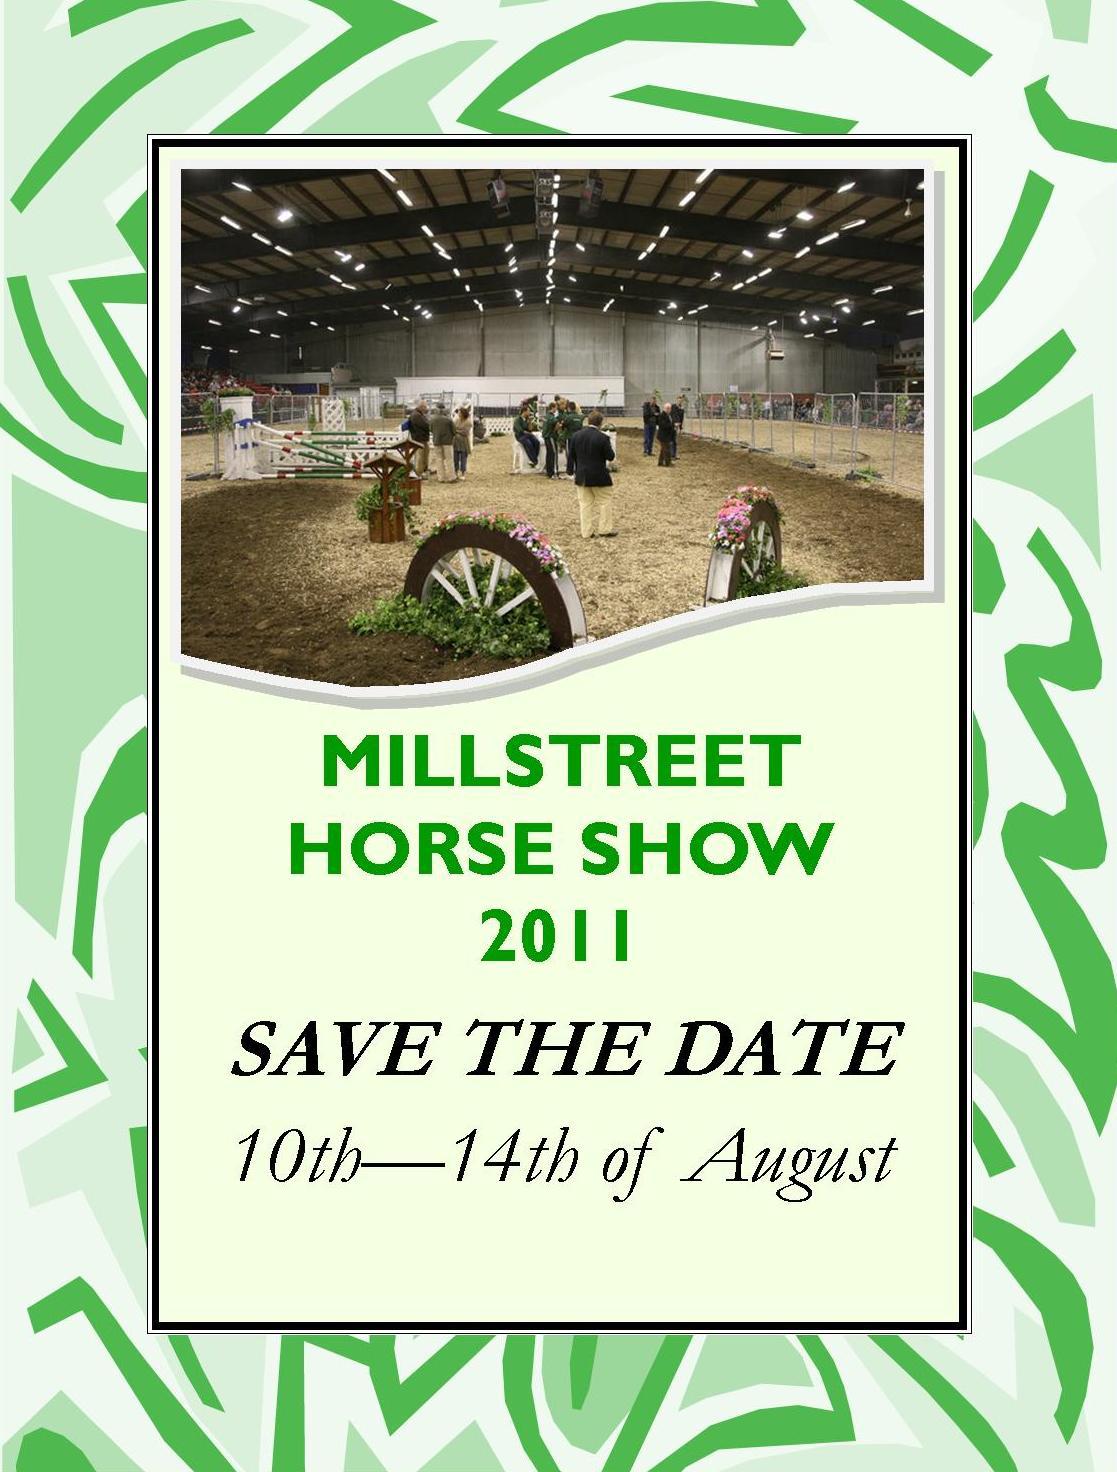 Millstreet Horse Show 2011